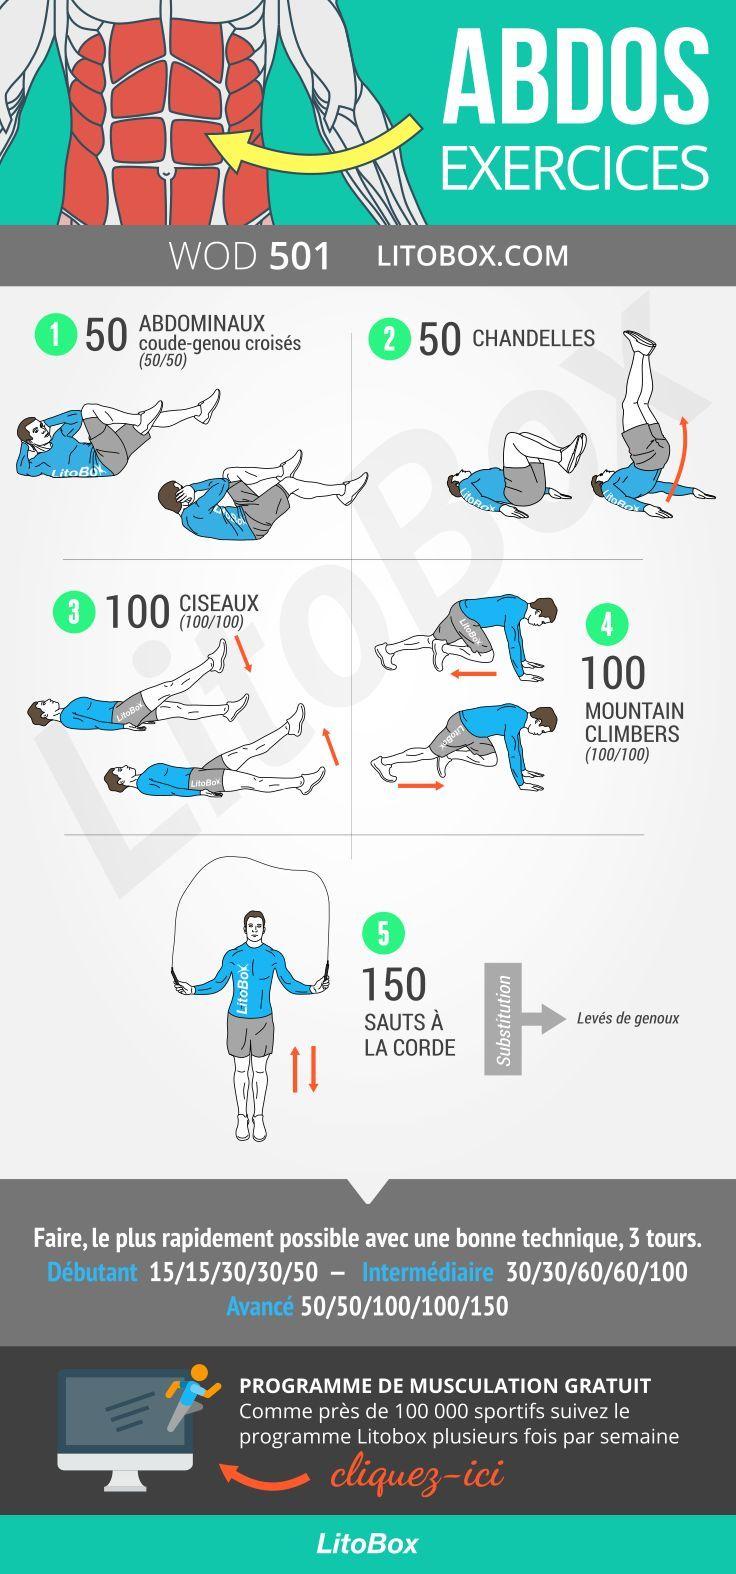 Exercices pour les abdos (PDF à télécharger)